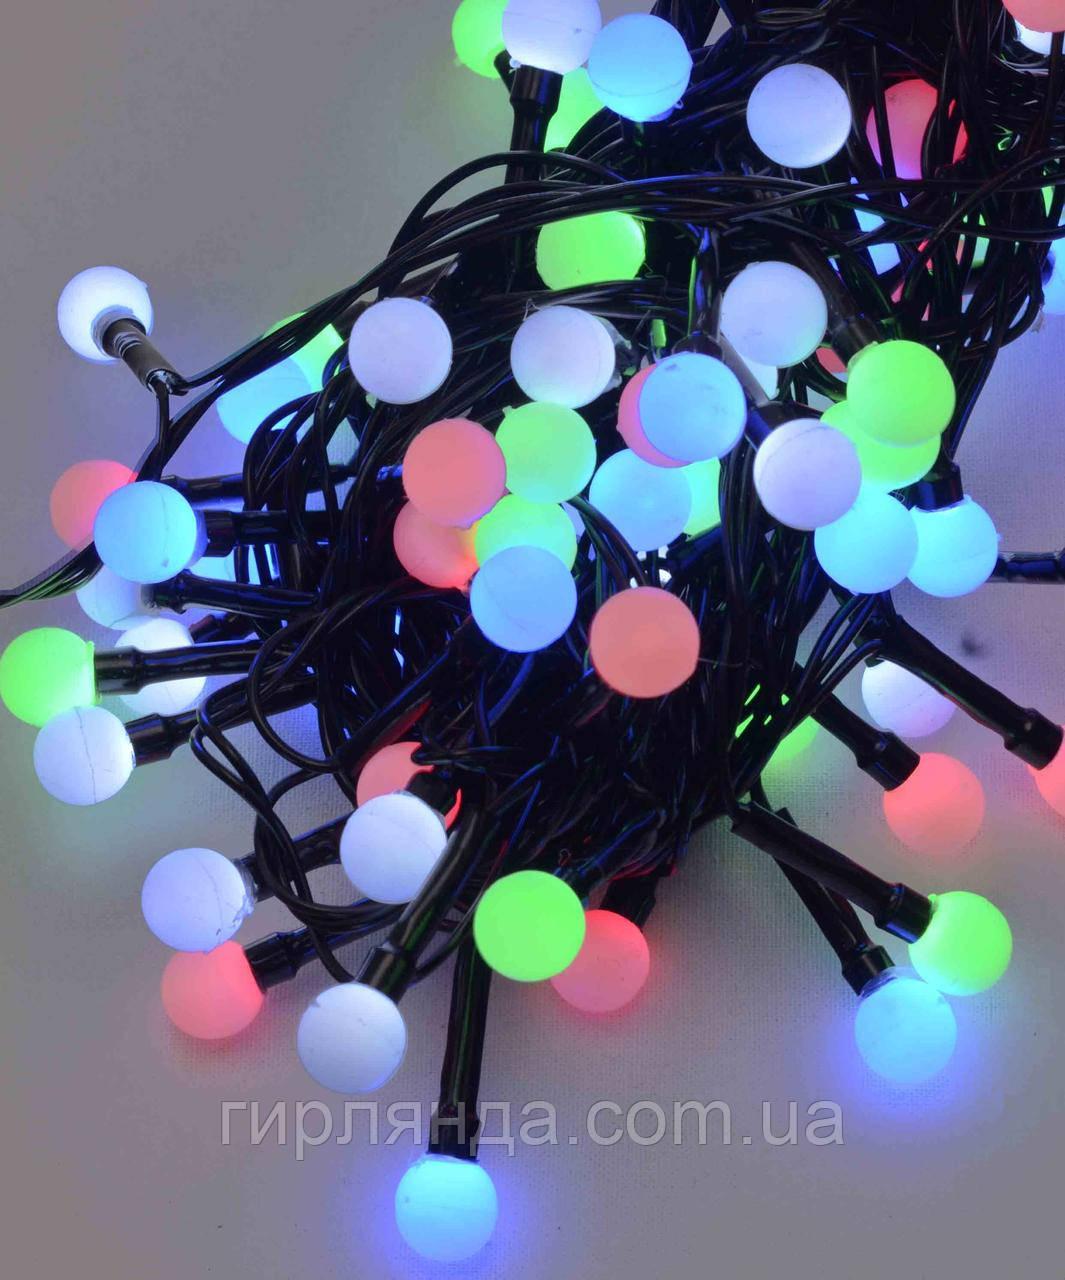 Кульки 10мм  100 LED  6м  чорний провід мульті